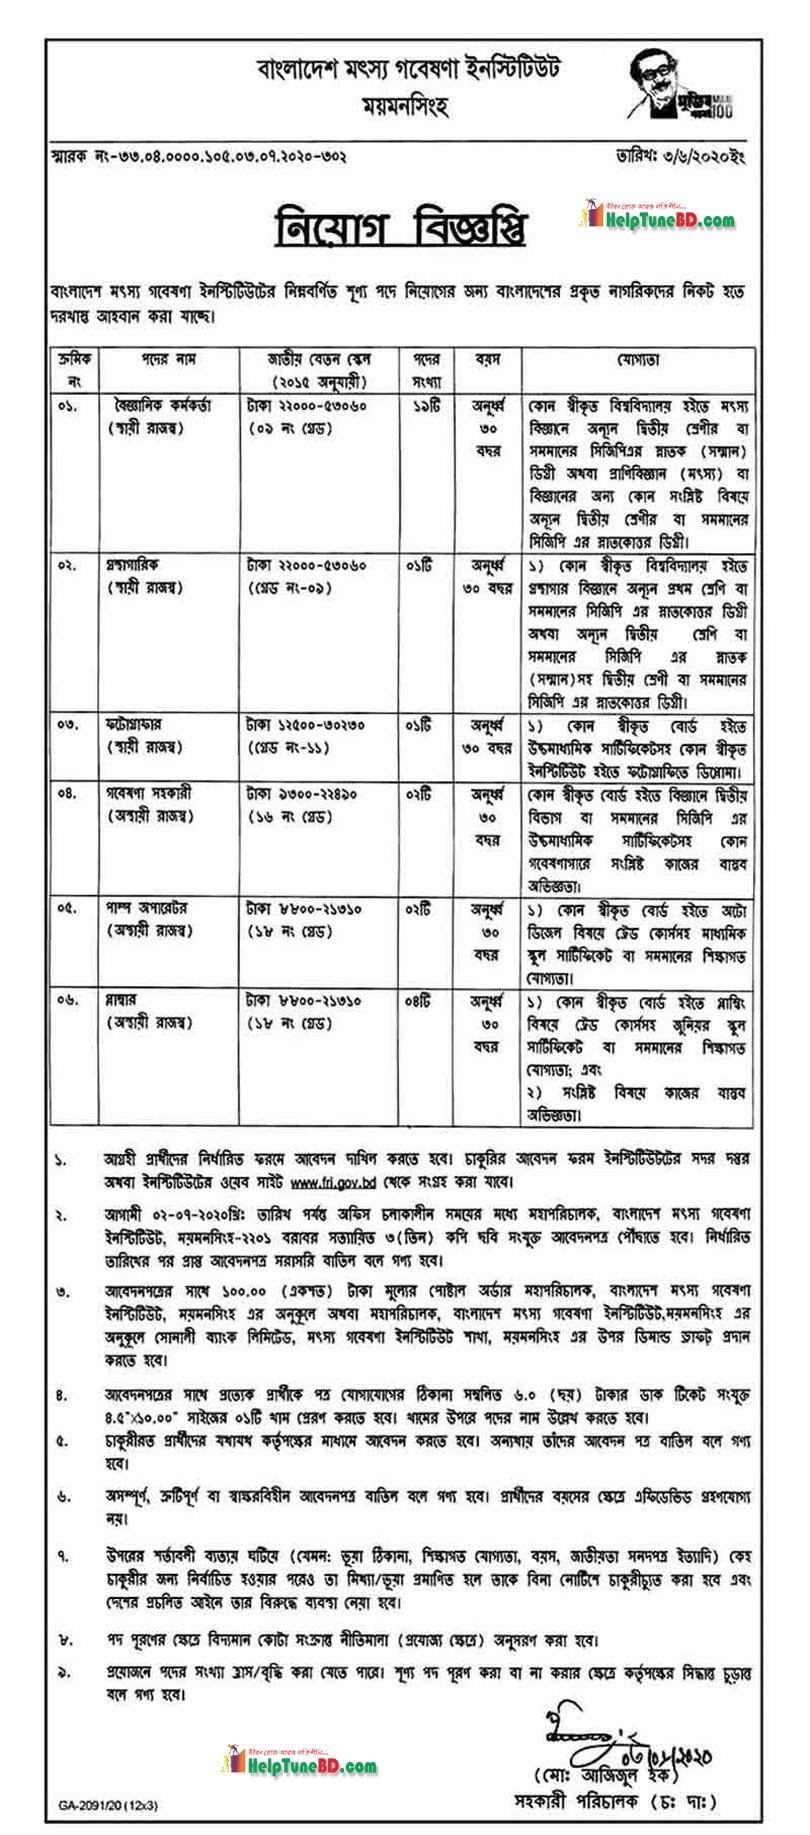 bangladesh fisheries research institute new job circular ০২.০৭.২০২০